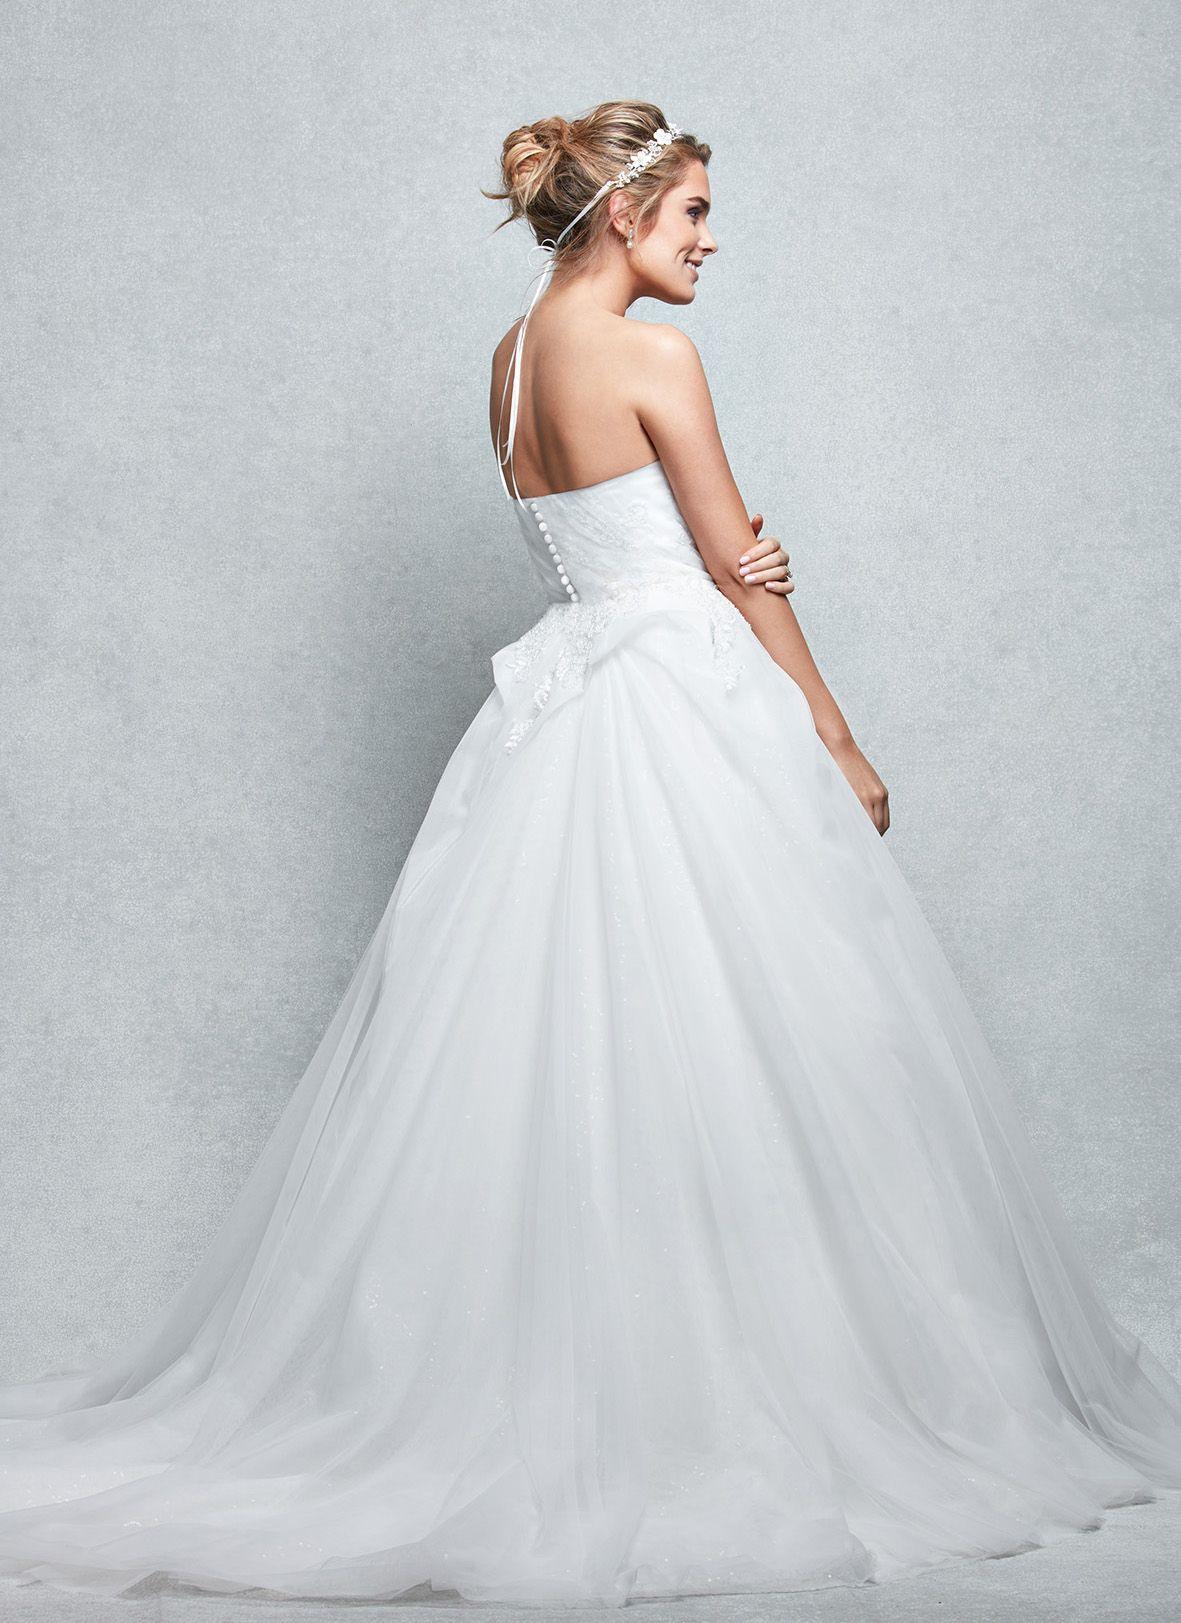 star wedding dress wed2b